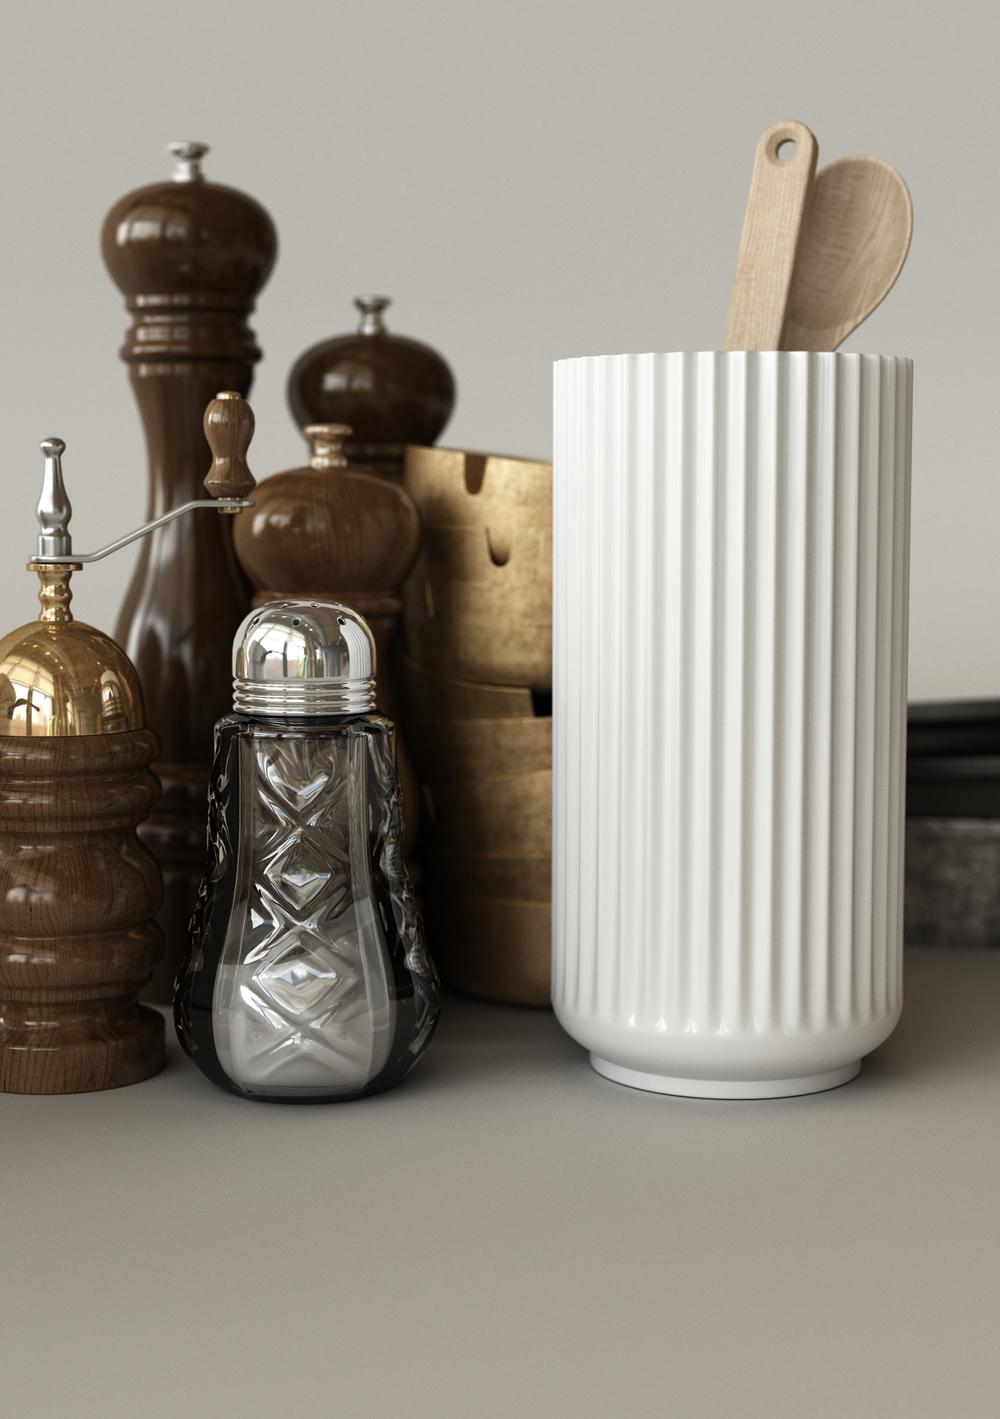 Vaser+i+miljø+test+02.jpg